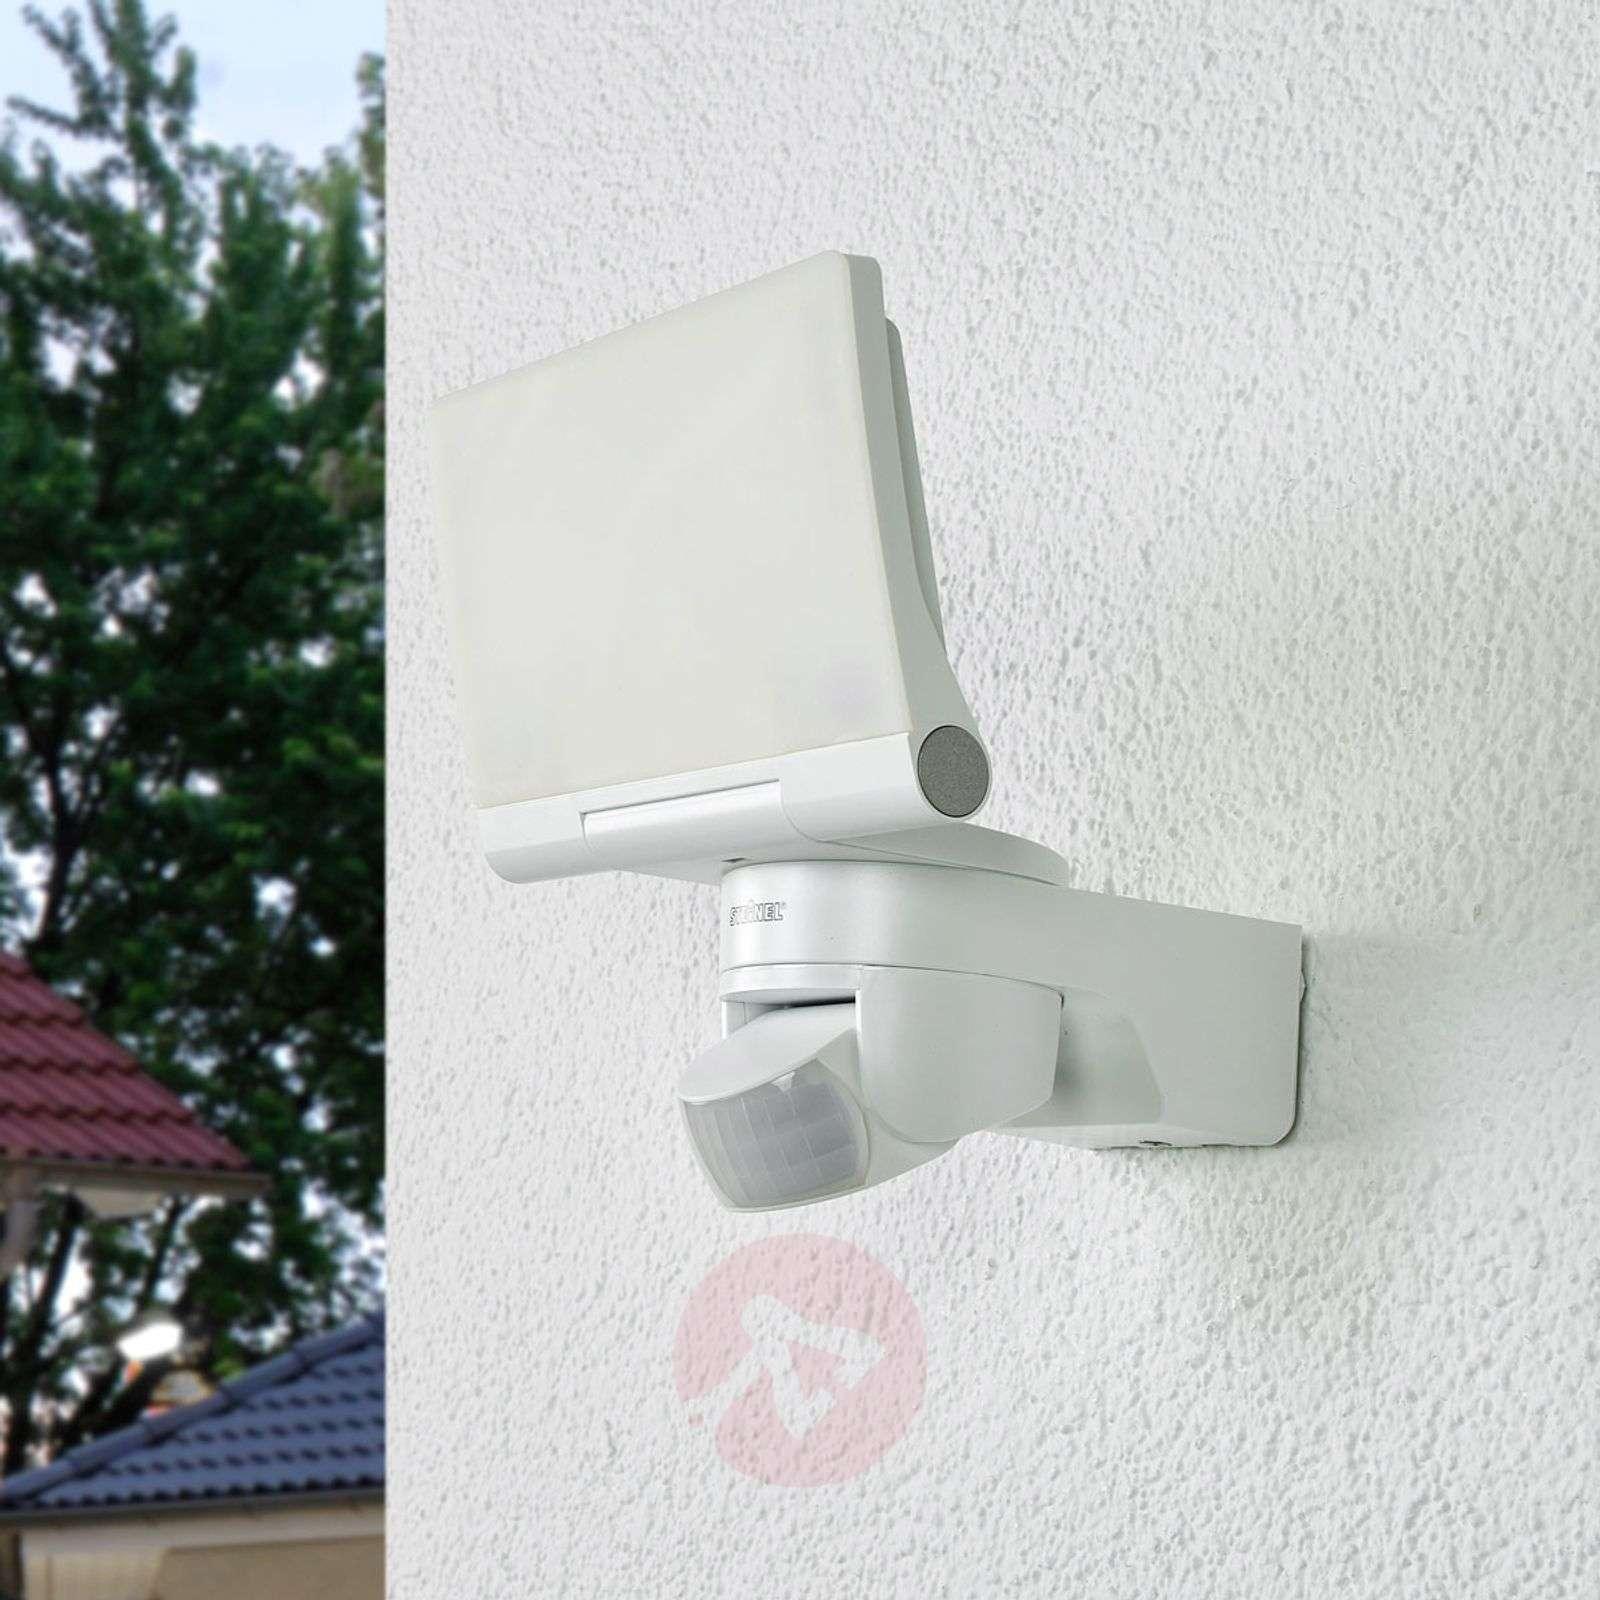 XLED Home 2 LED-ulkoseinävalaisin, tunnstin, valk.-8505692-01